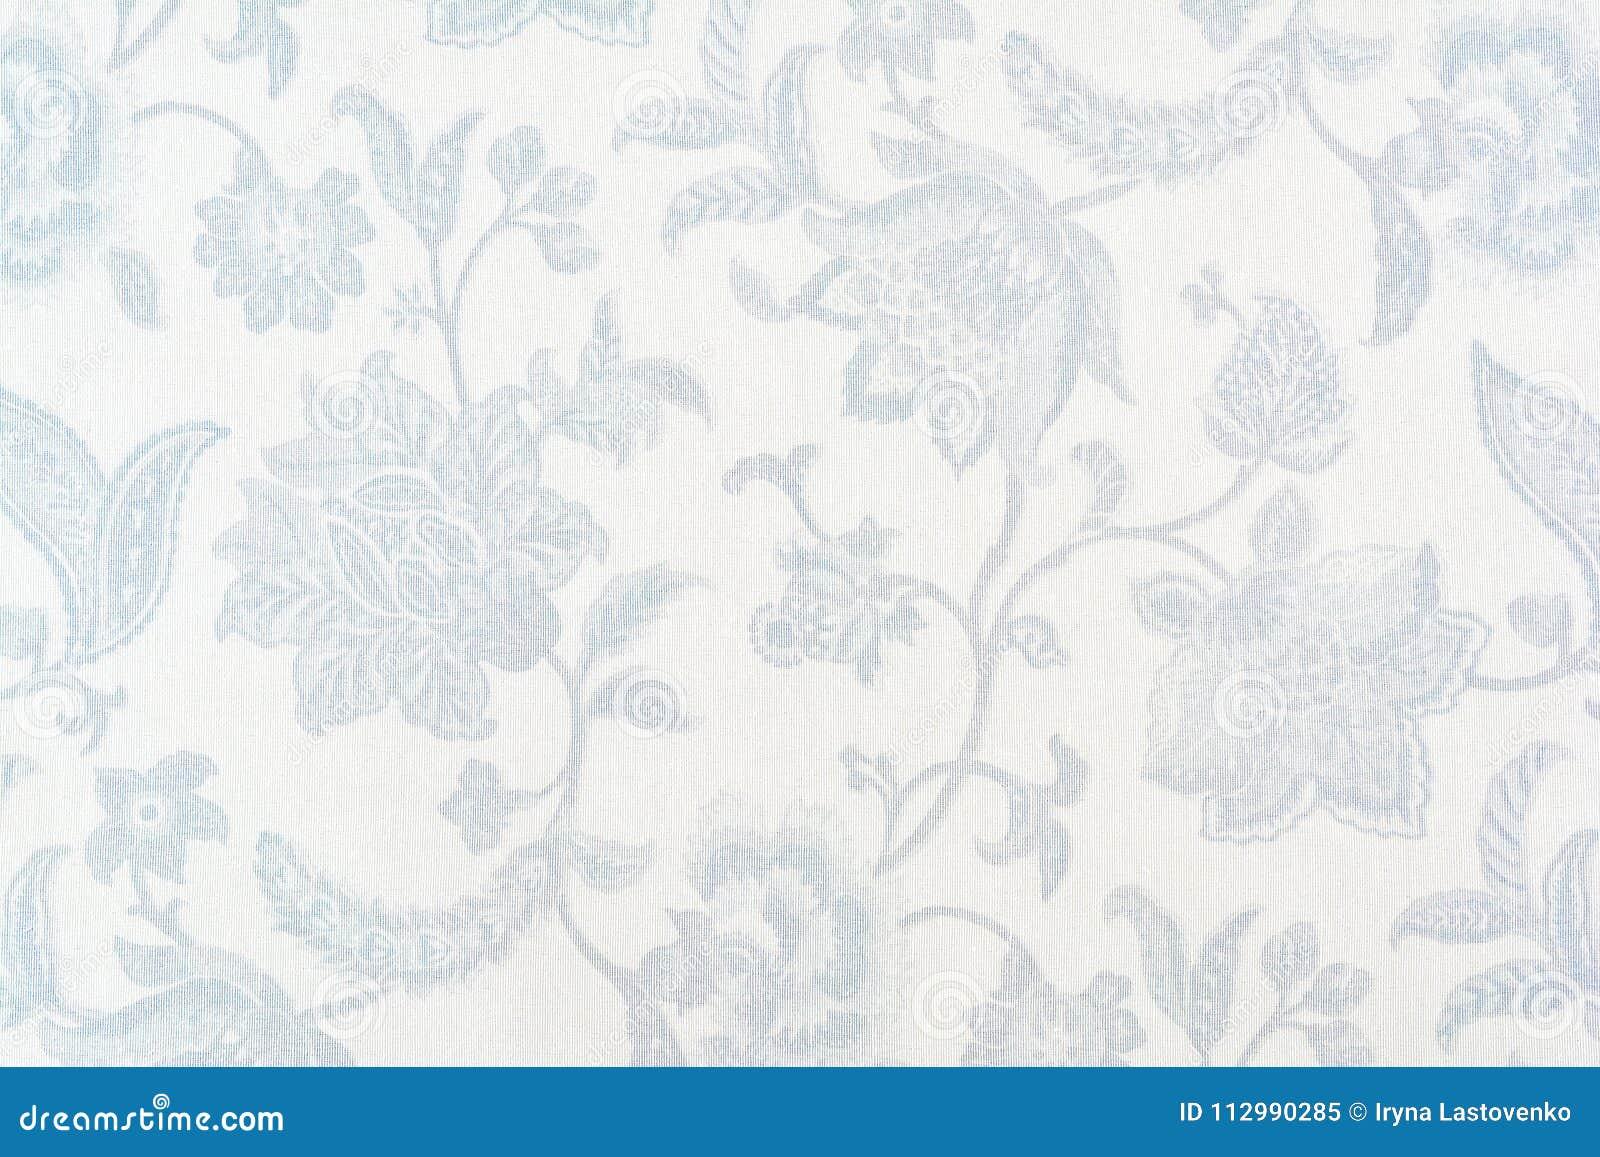 Голубой богато украшенный цветочный узор на белой скатерти хлопка